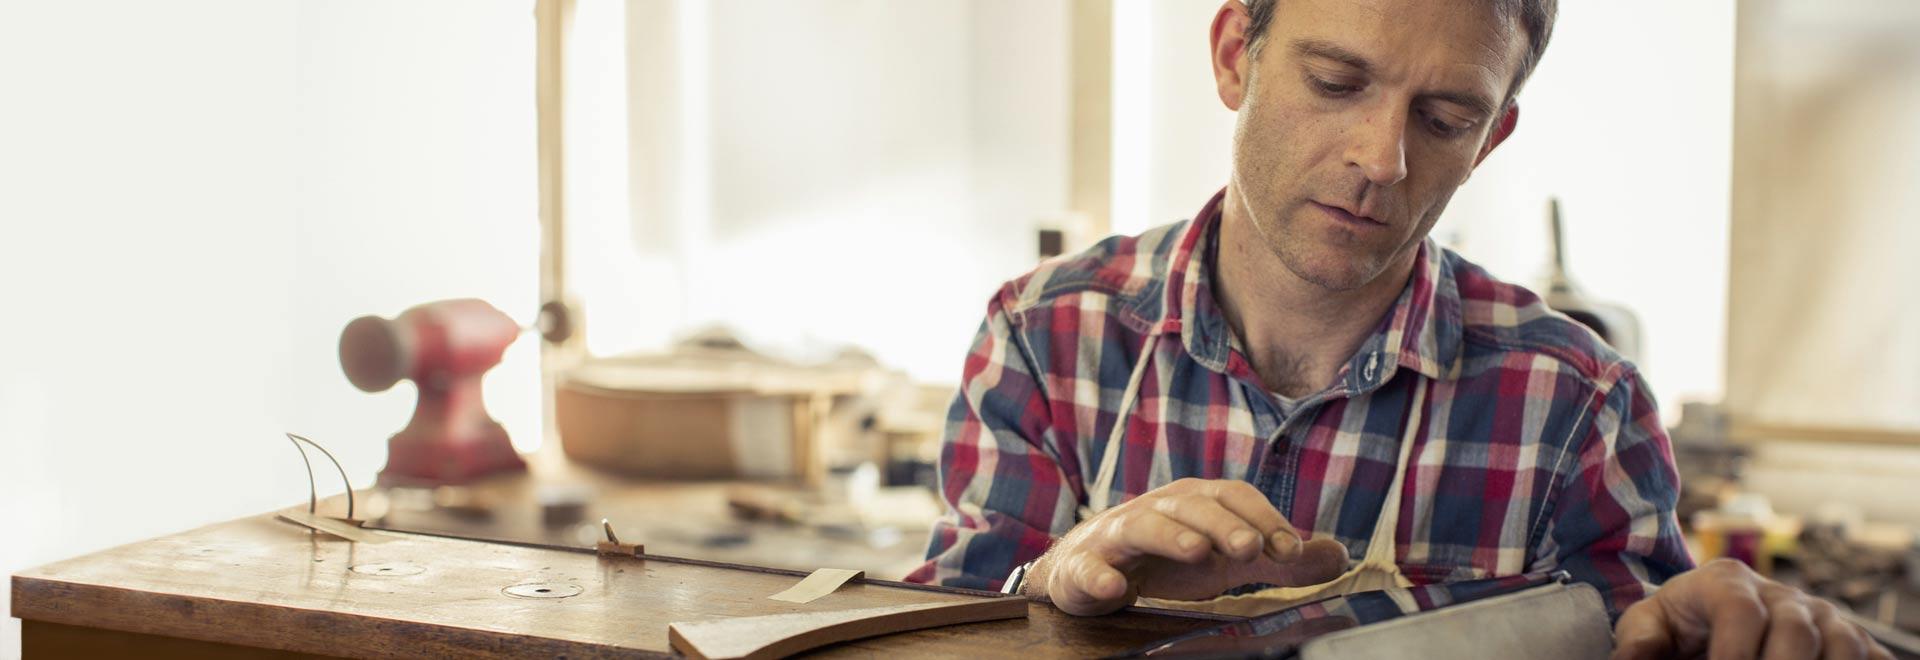 Muškarac u radionici koji koristi Office 365 Business na tabletu